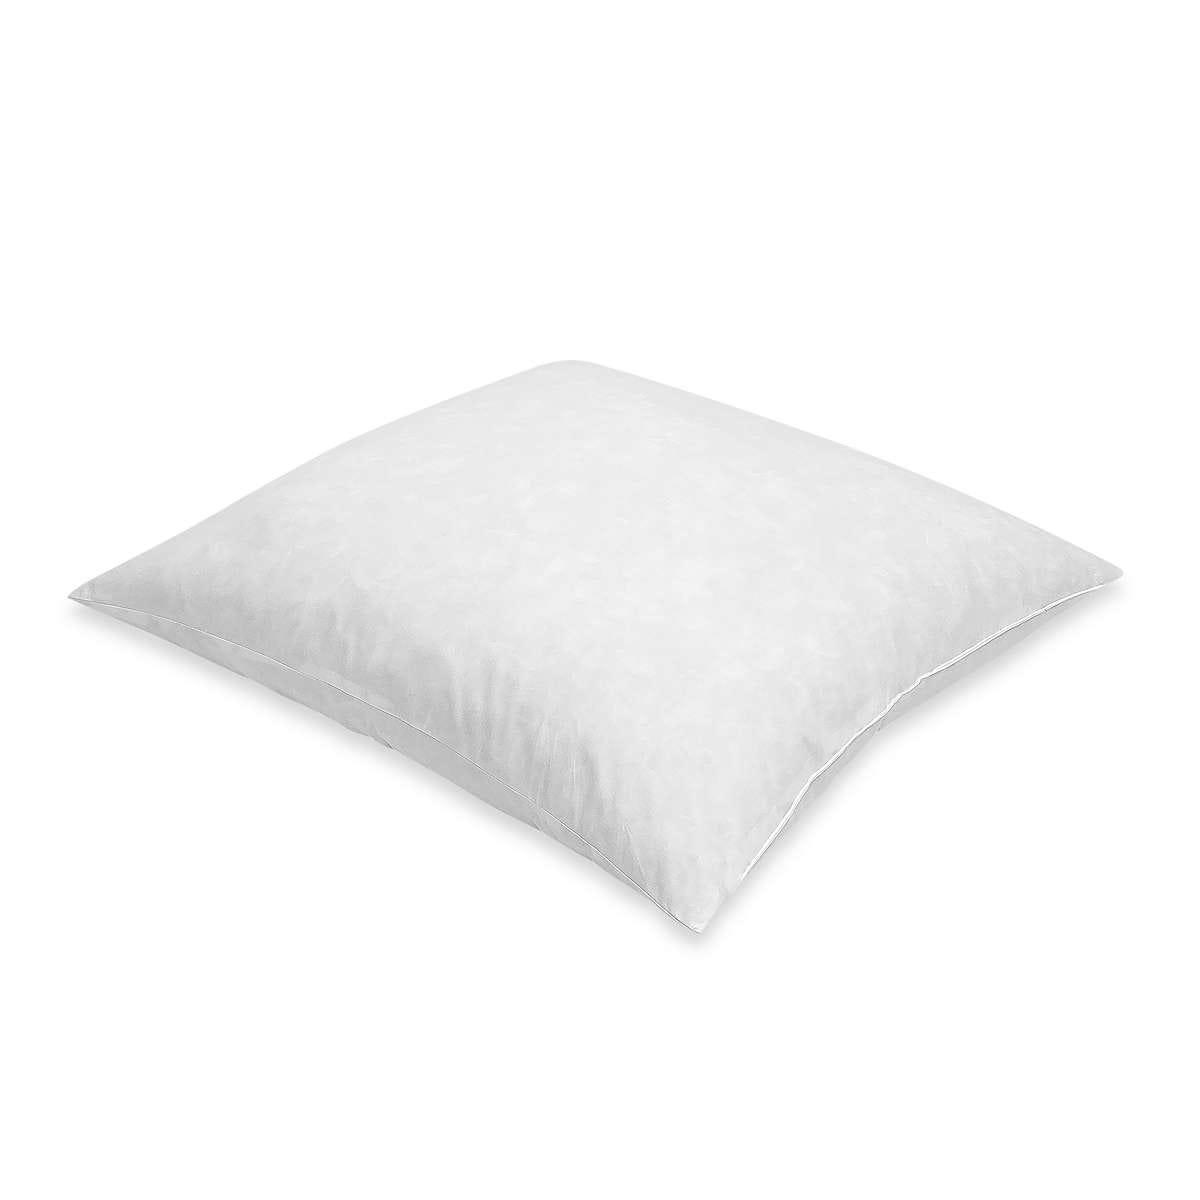 Almohada tamaño europeo de 66.04 x 66.04 cm en blanco